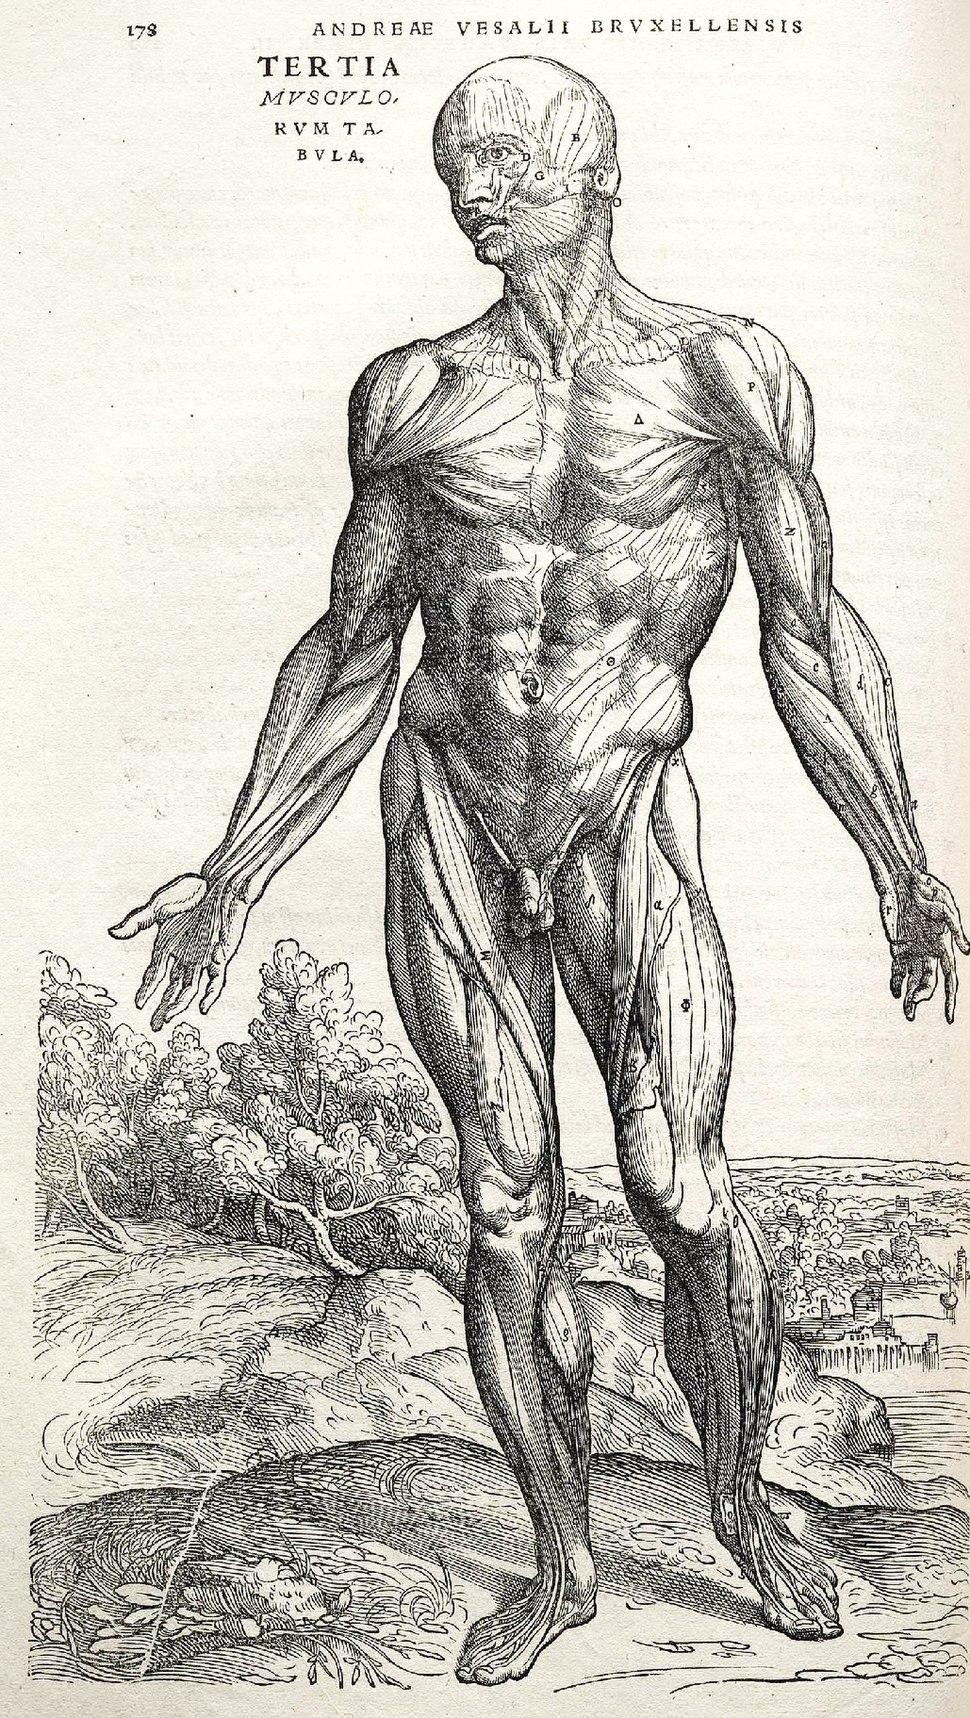 Vesalius Fabrica p178